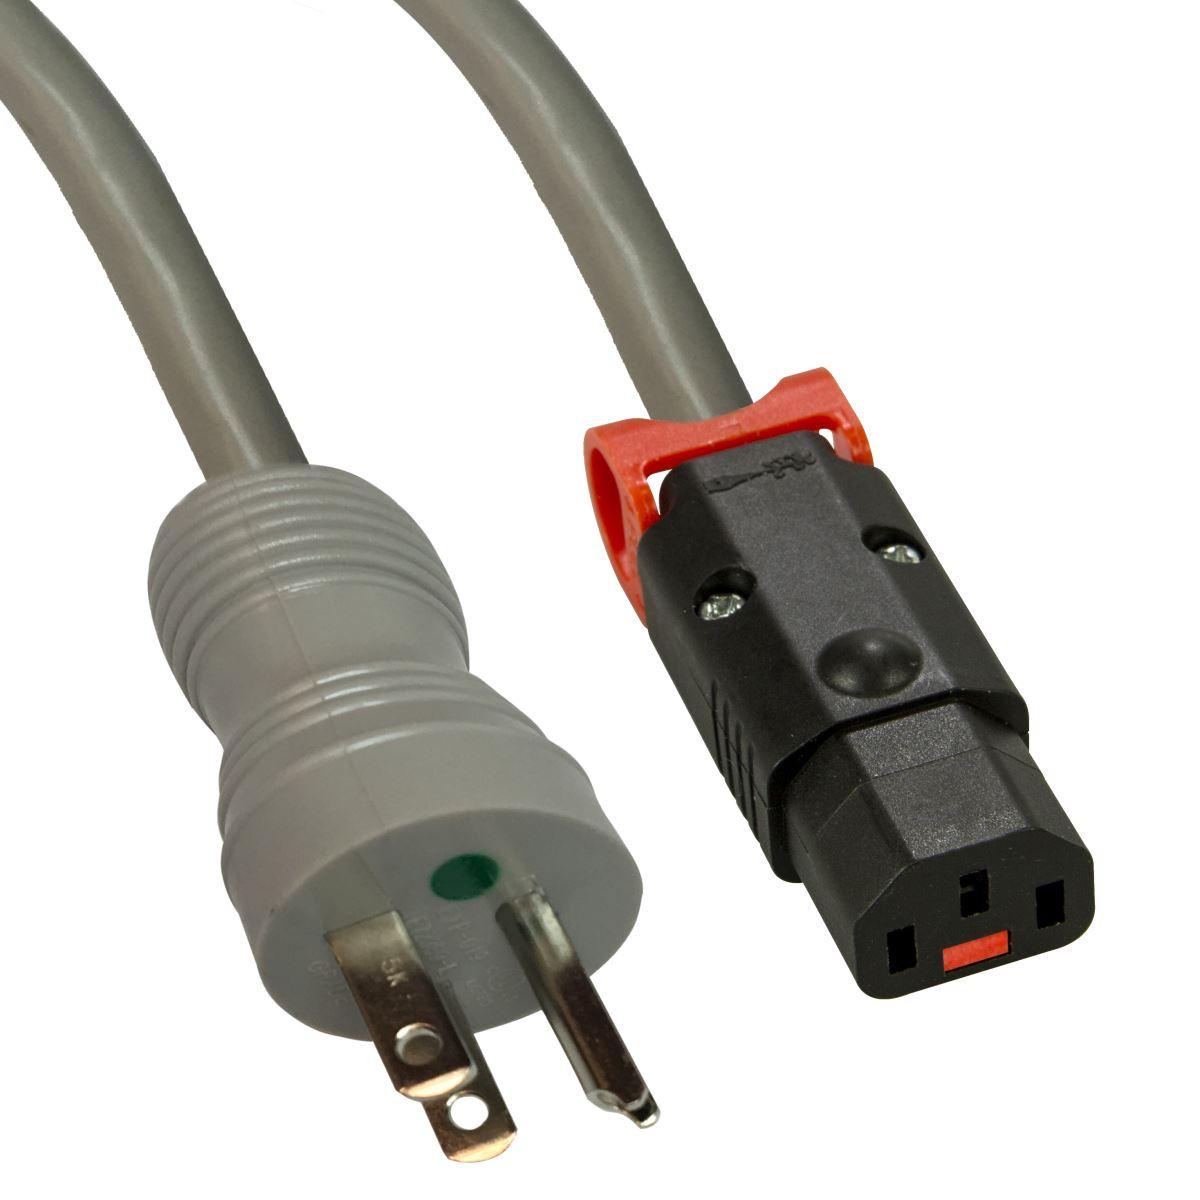 Iec Lock Rw Custom Cords Plug Wiring Hospital Grade